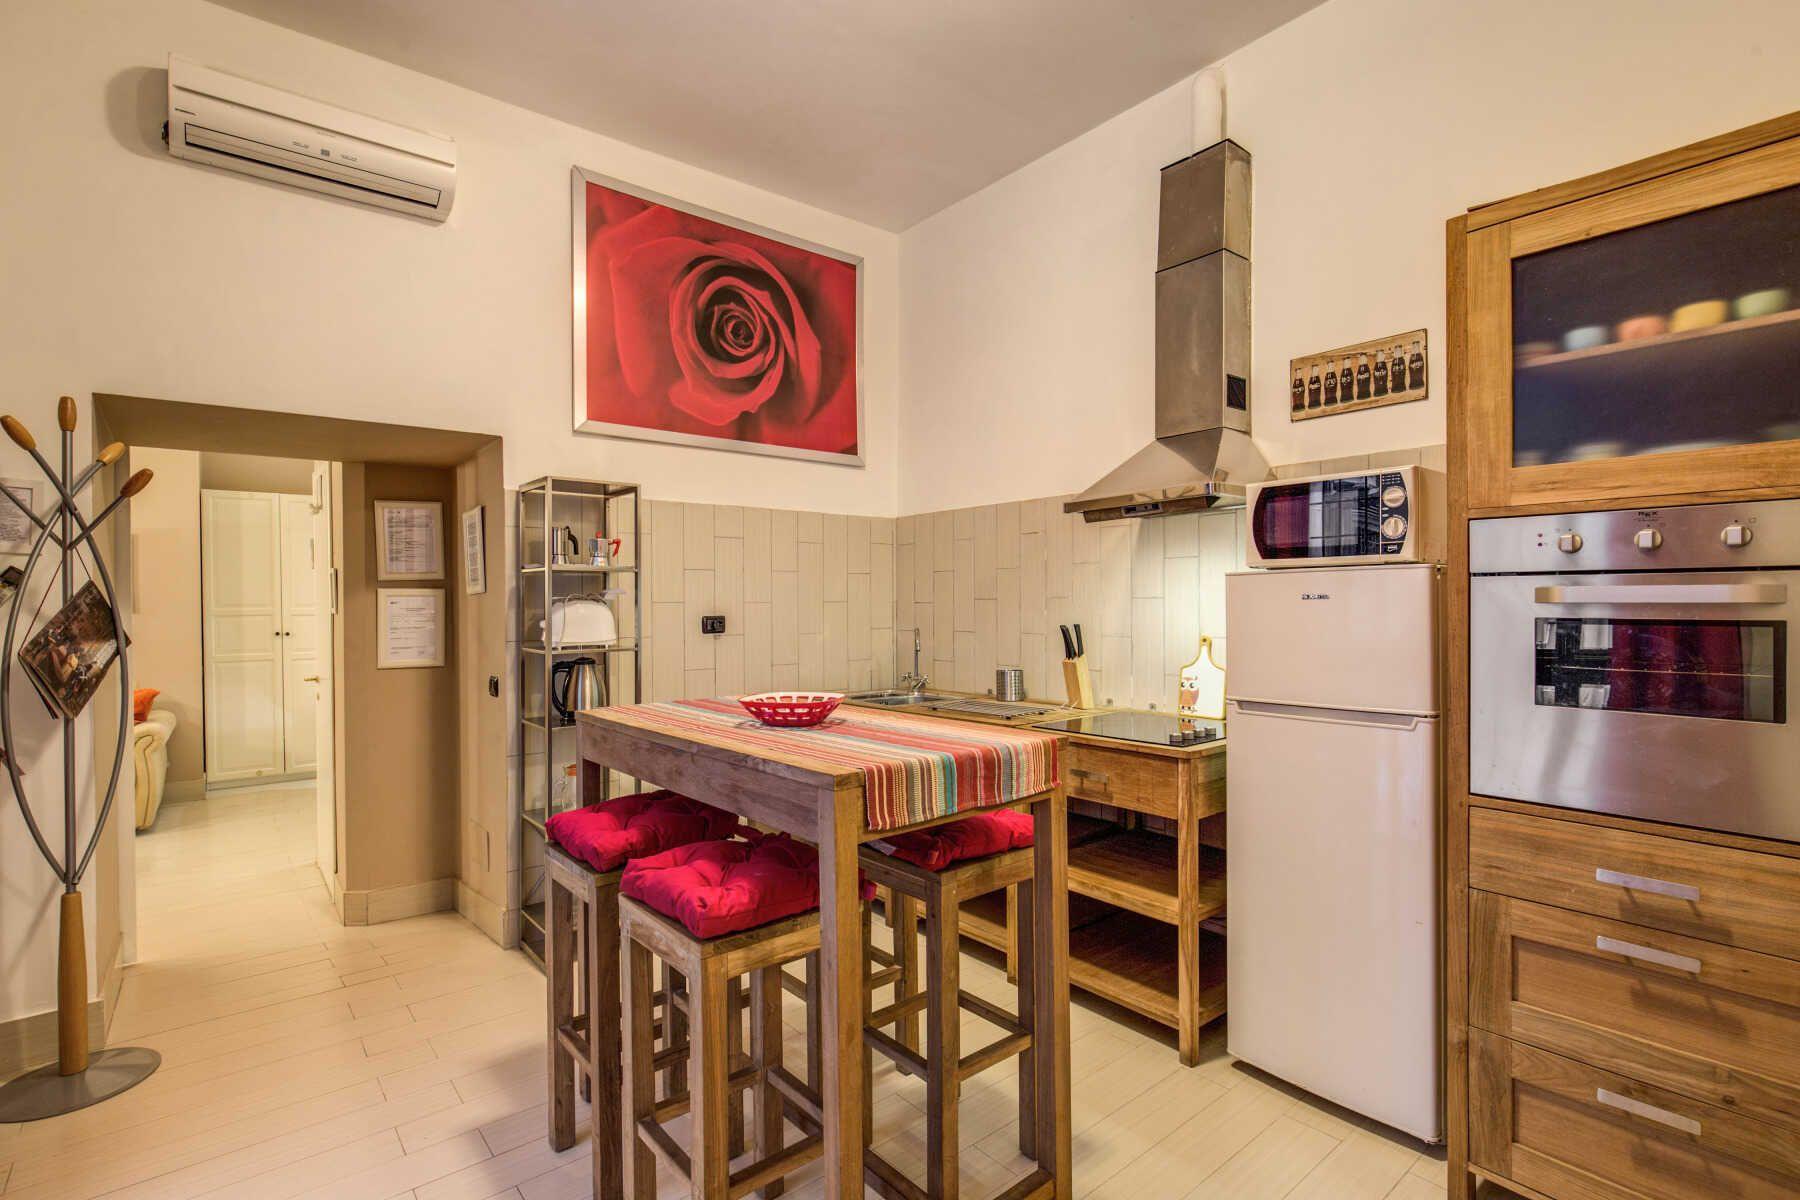 Casa vacanze per disabili comfy at the colosseum roma for Piani casa accessibili per disabili